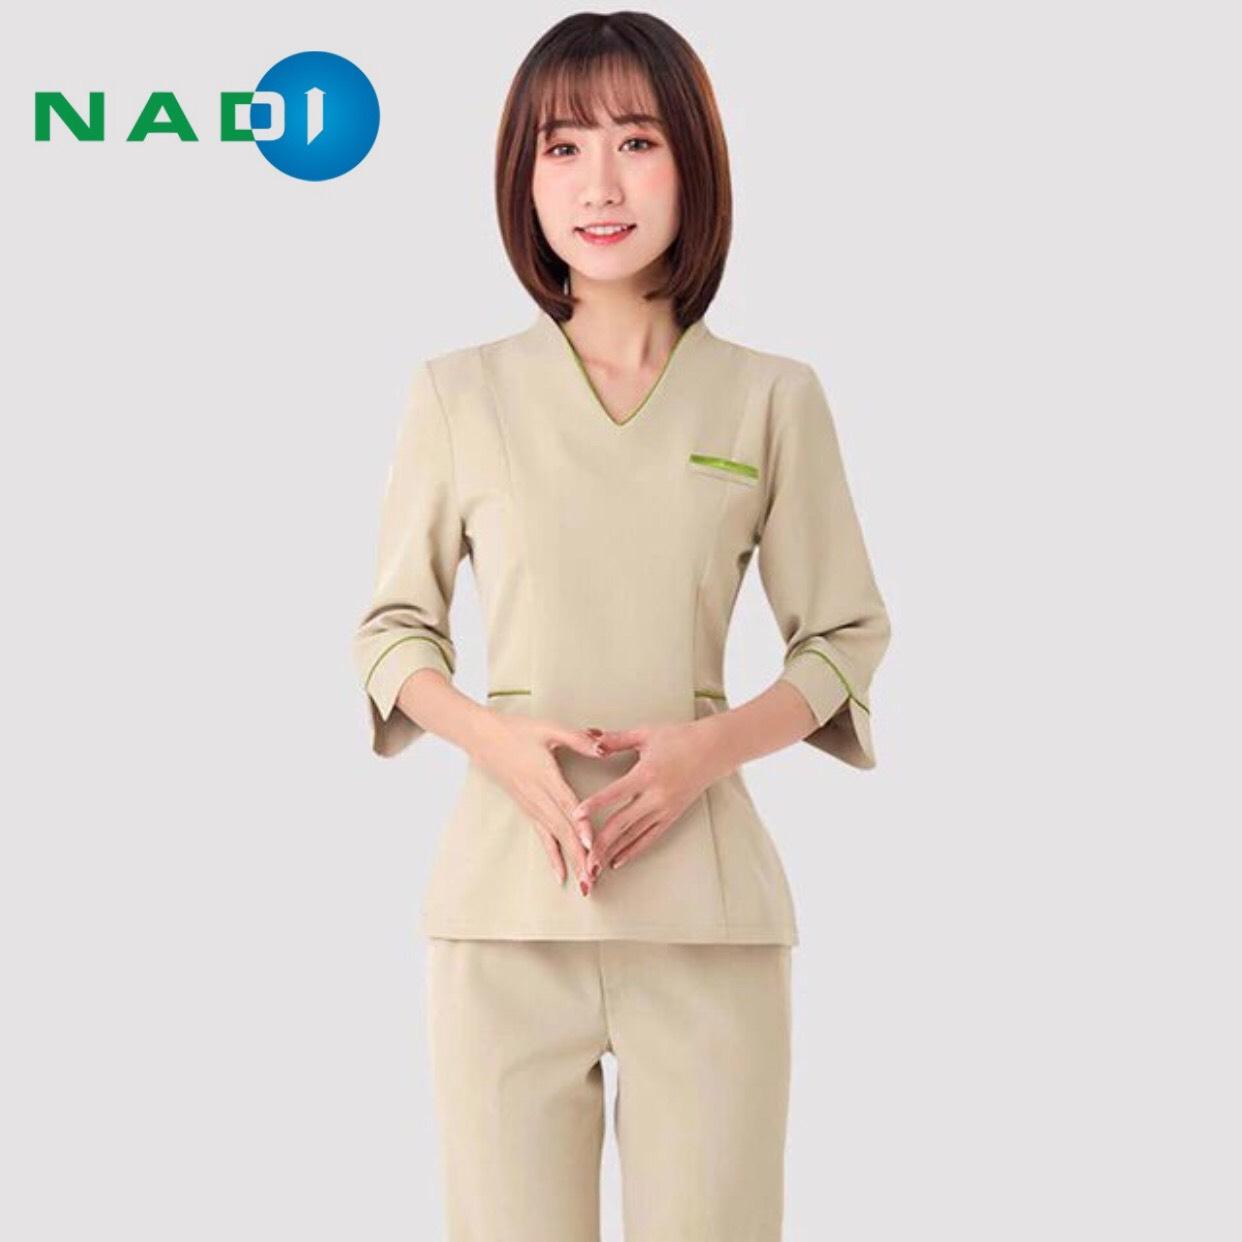 Trang phục nhân viên spa sang trọng, thoải mái